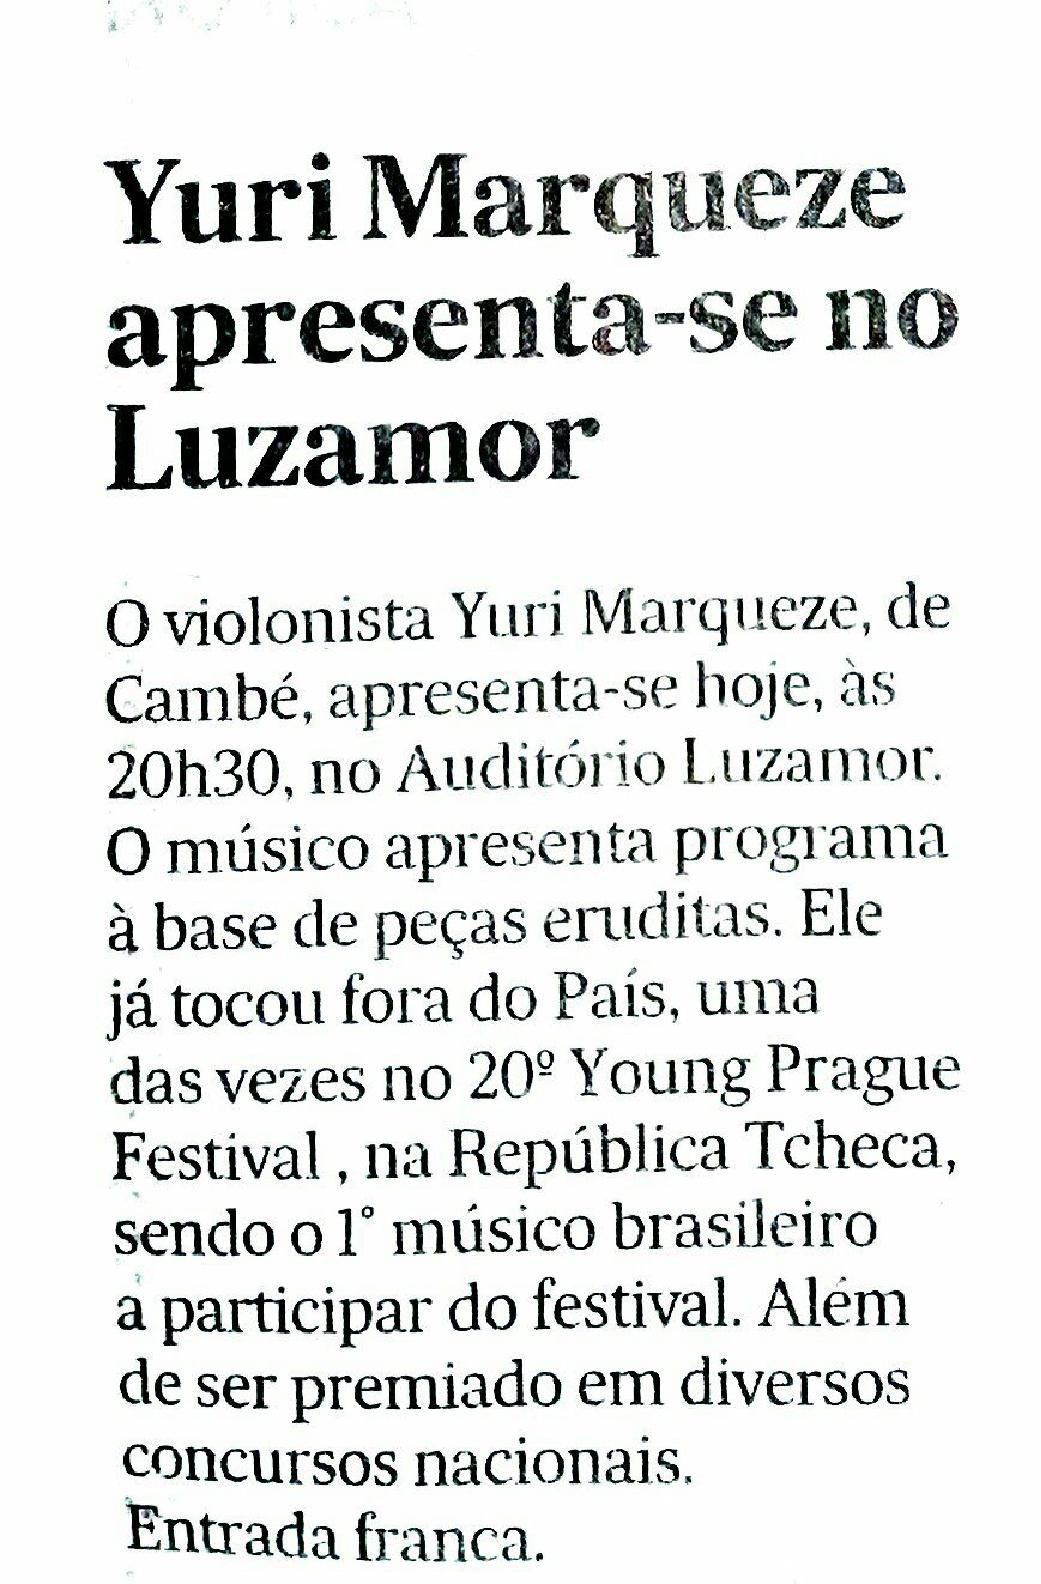 O Diário (Maringá) 7-11-2013